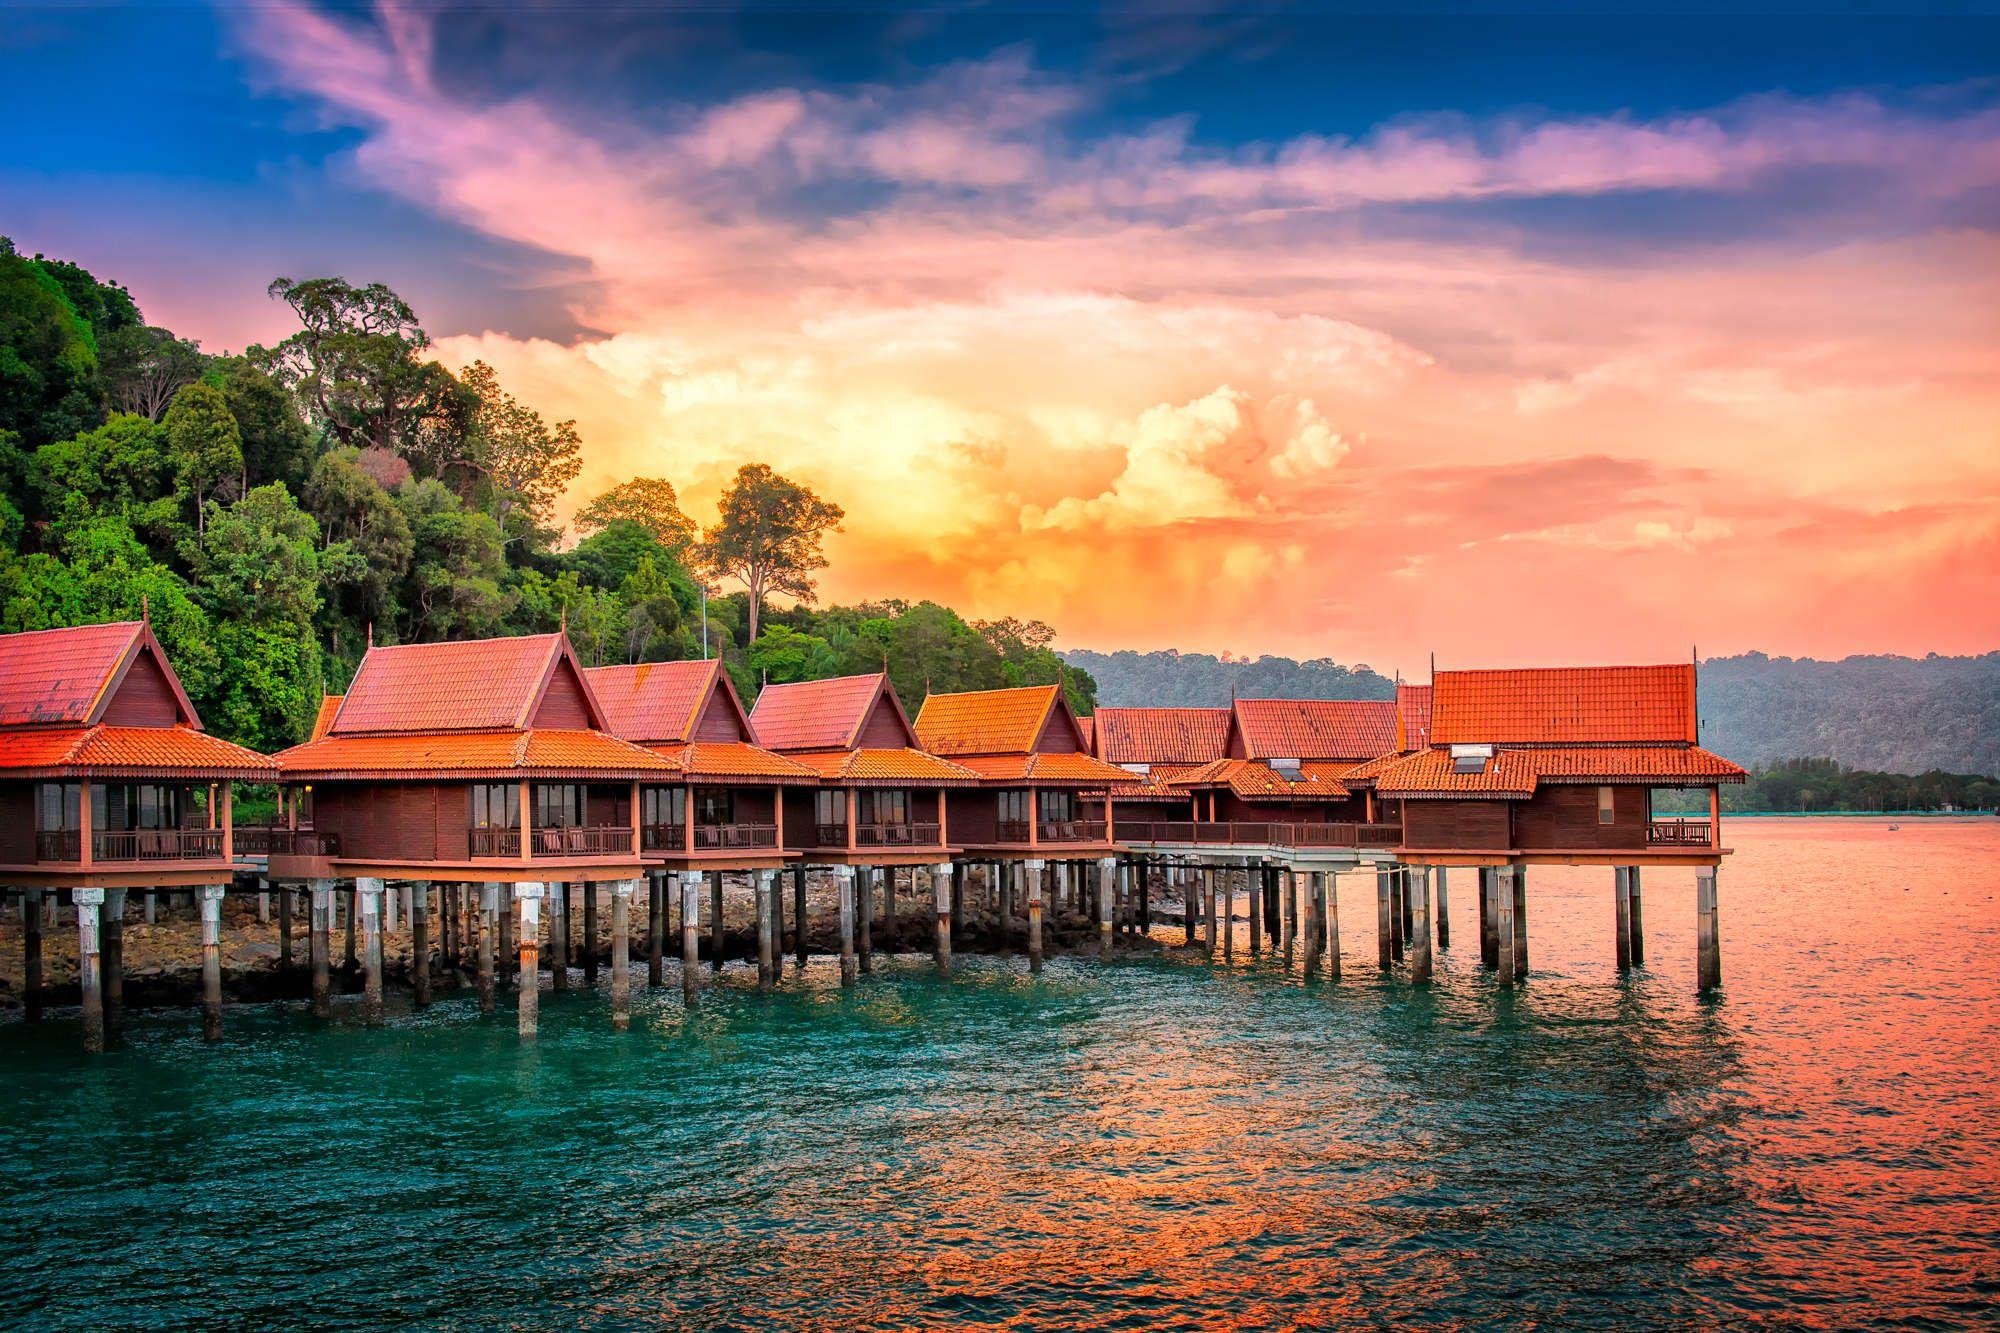 93bad5a248eca1eccf00fd4f7b277ae6 - Обзор лучших курортных зон Малайзии.